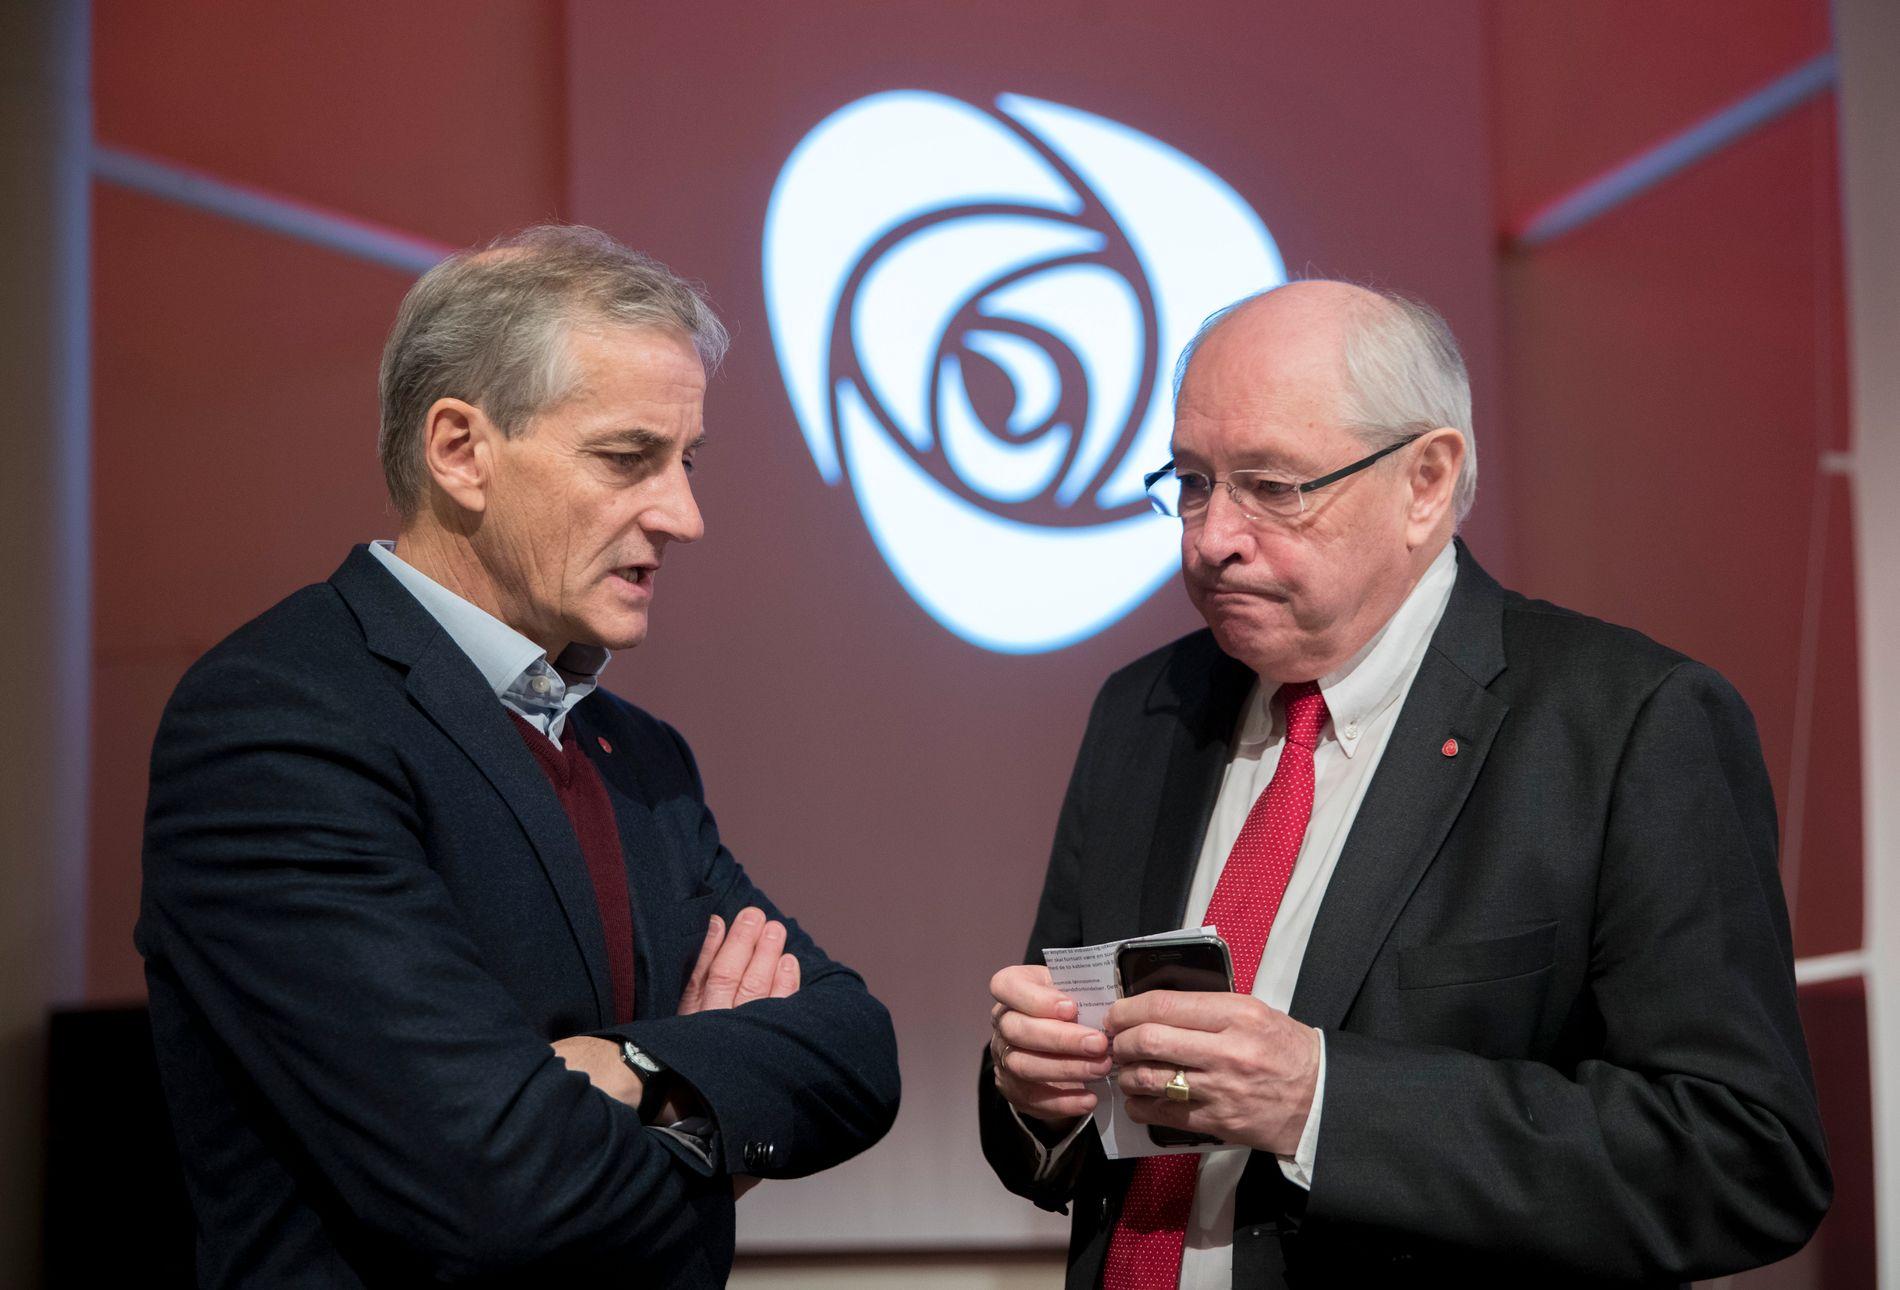 UTPEKTE STØRE: Martin Kolberg, som ledet valgkomiteen som i 2014 innstilte Jonas Gahr Støre (til venstre) som leder i Arbeiderpartiet.